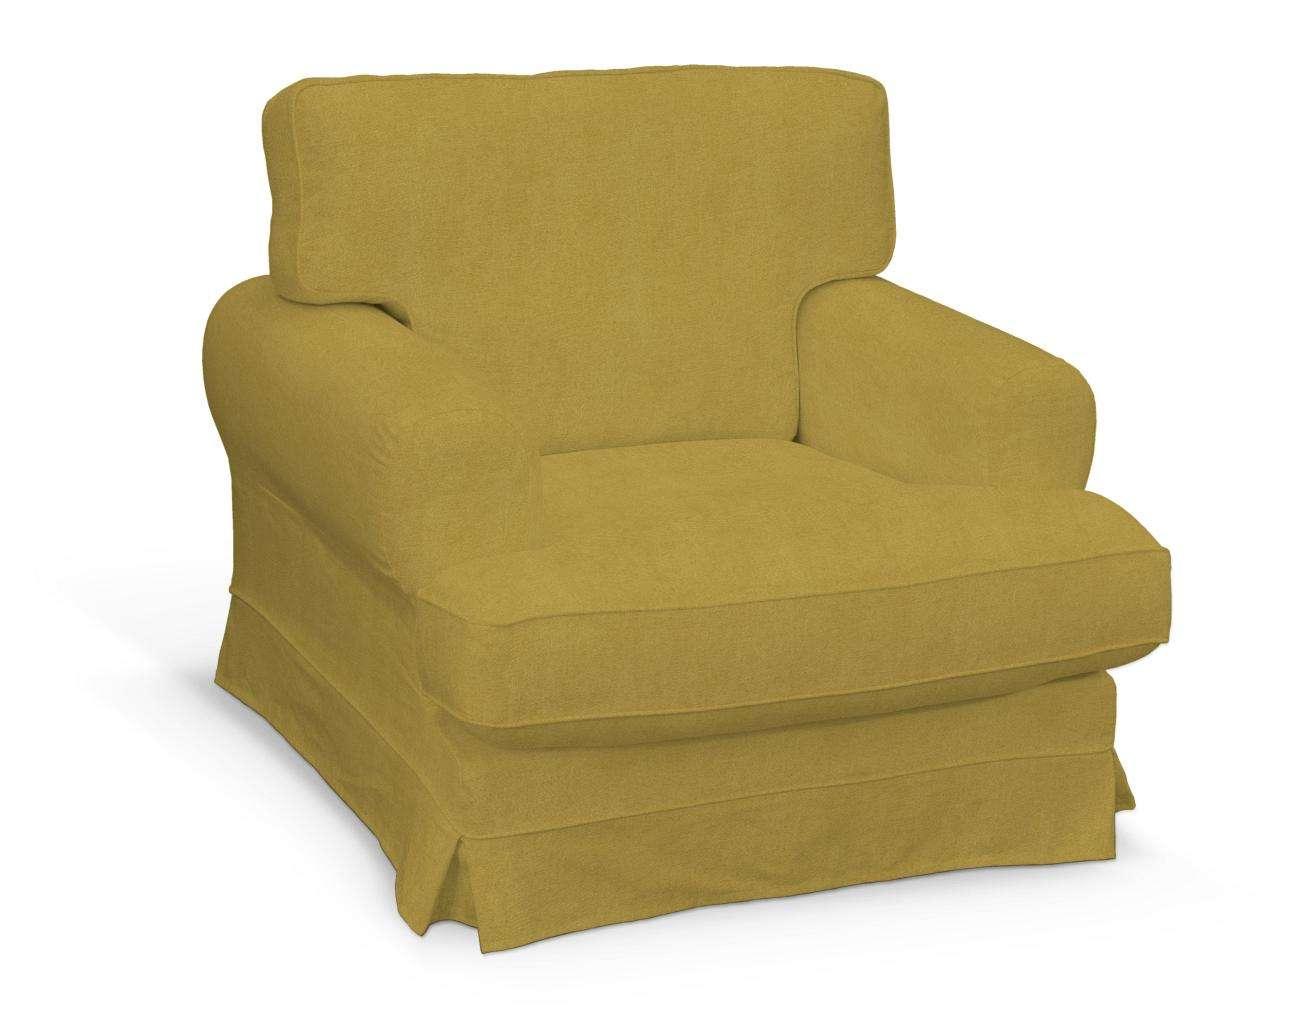 Pokrowiec na fotel Ekeskog Fotel Ekeskog w kolekcji Etna , tkanina: 705-04